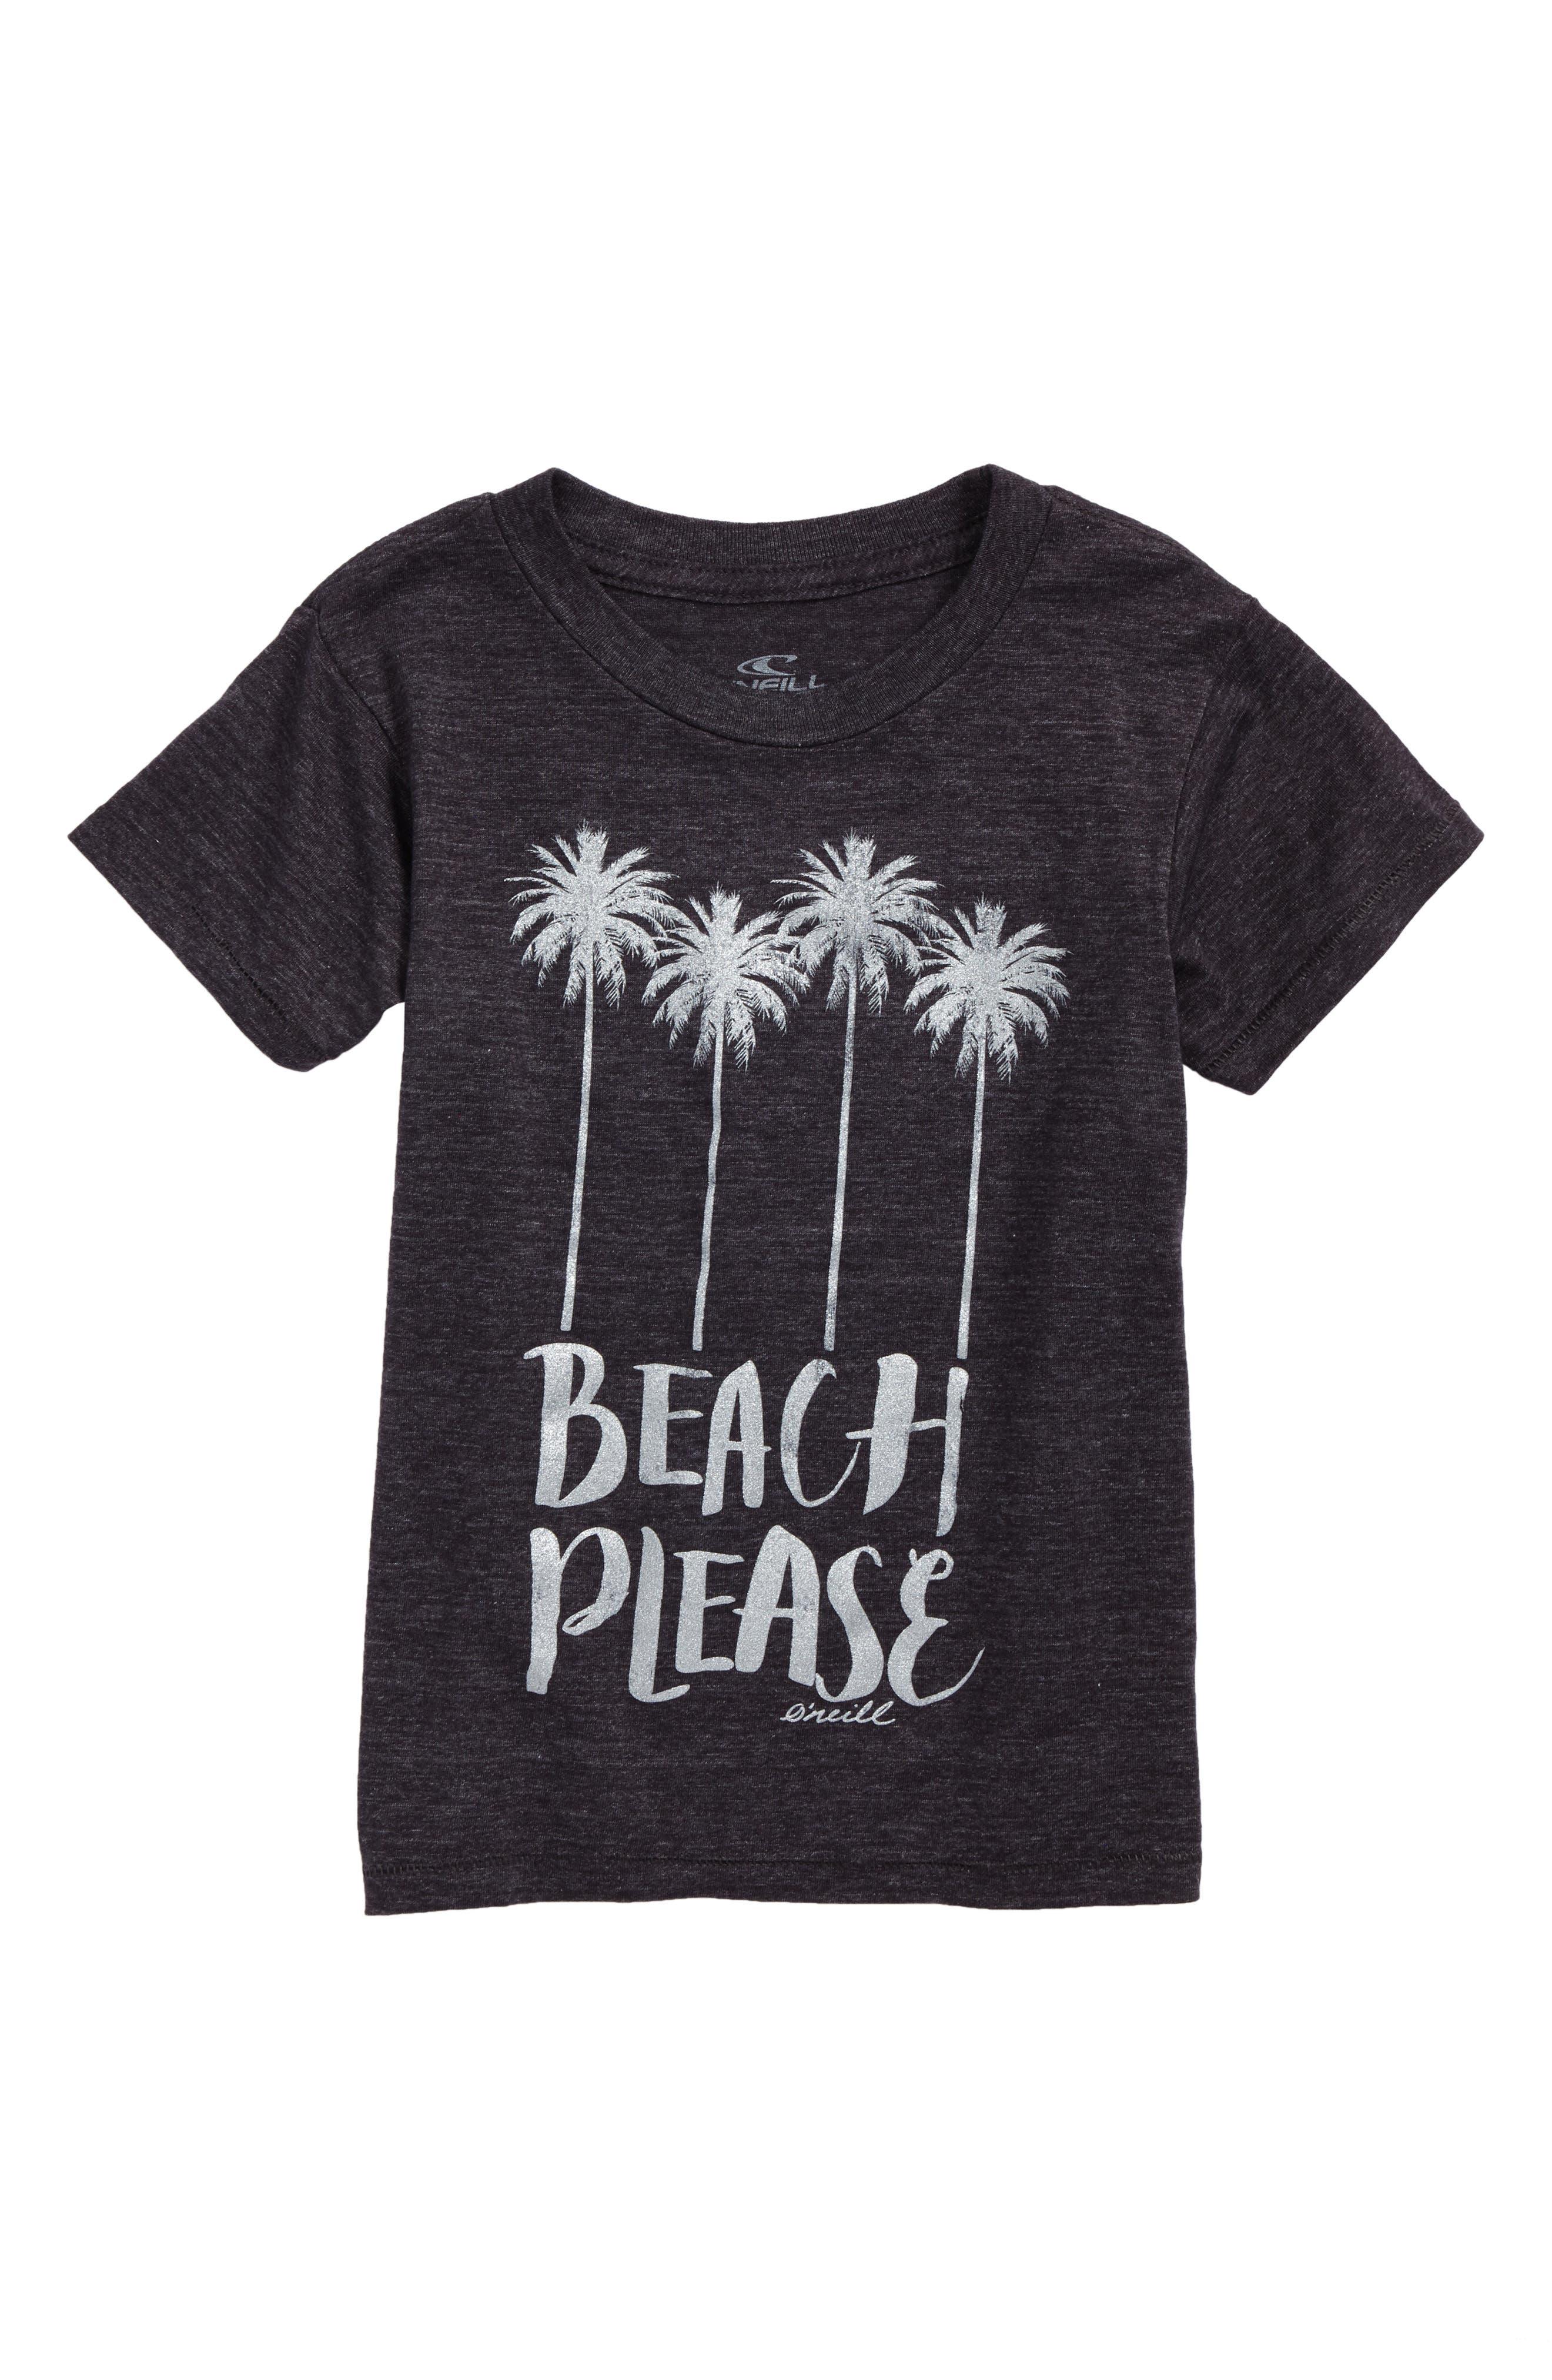 Palm Beach Please Graphic Tee,                             Main thumbnail 1, color,                             026